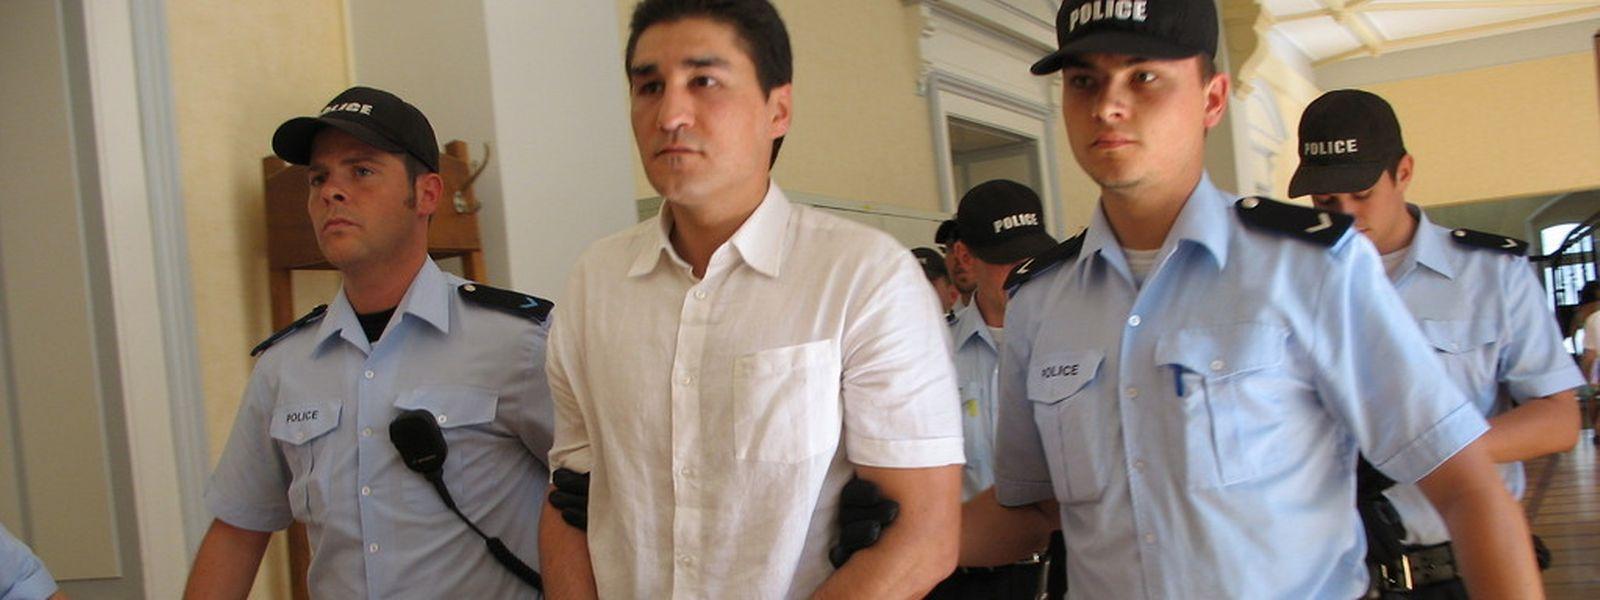 Der Angeklagte Gilles Lousada 2007 beim Prozess um zwei Überfälle auf Geldtransporter in Lamadelaine, wegen denen er bis heute in Haft sitzt.